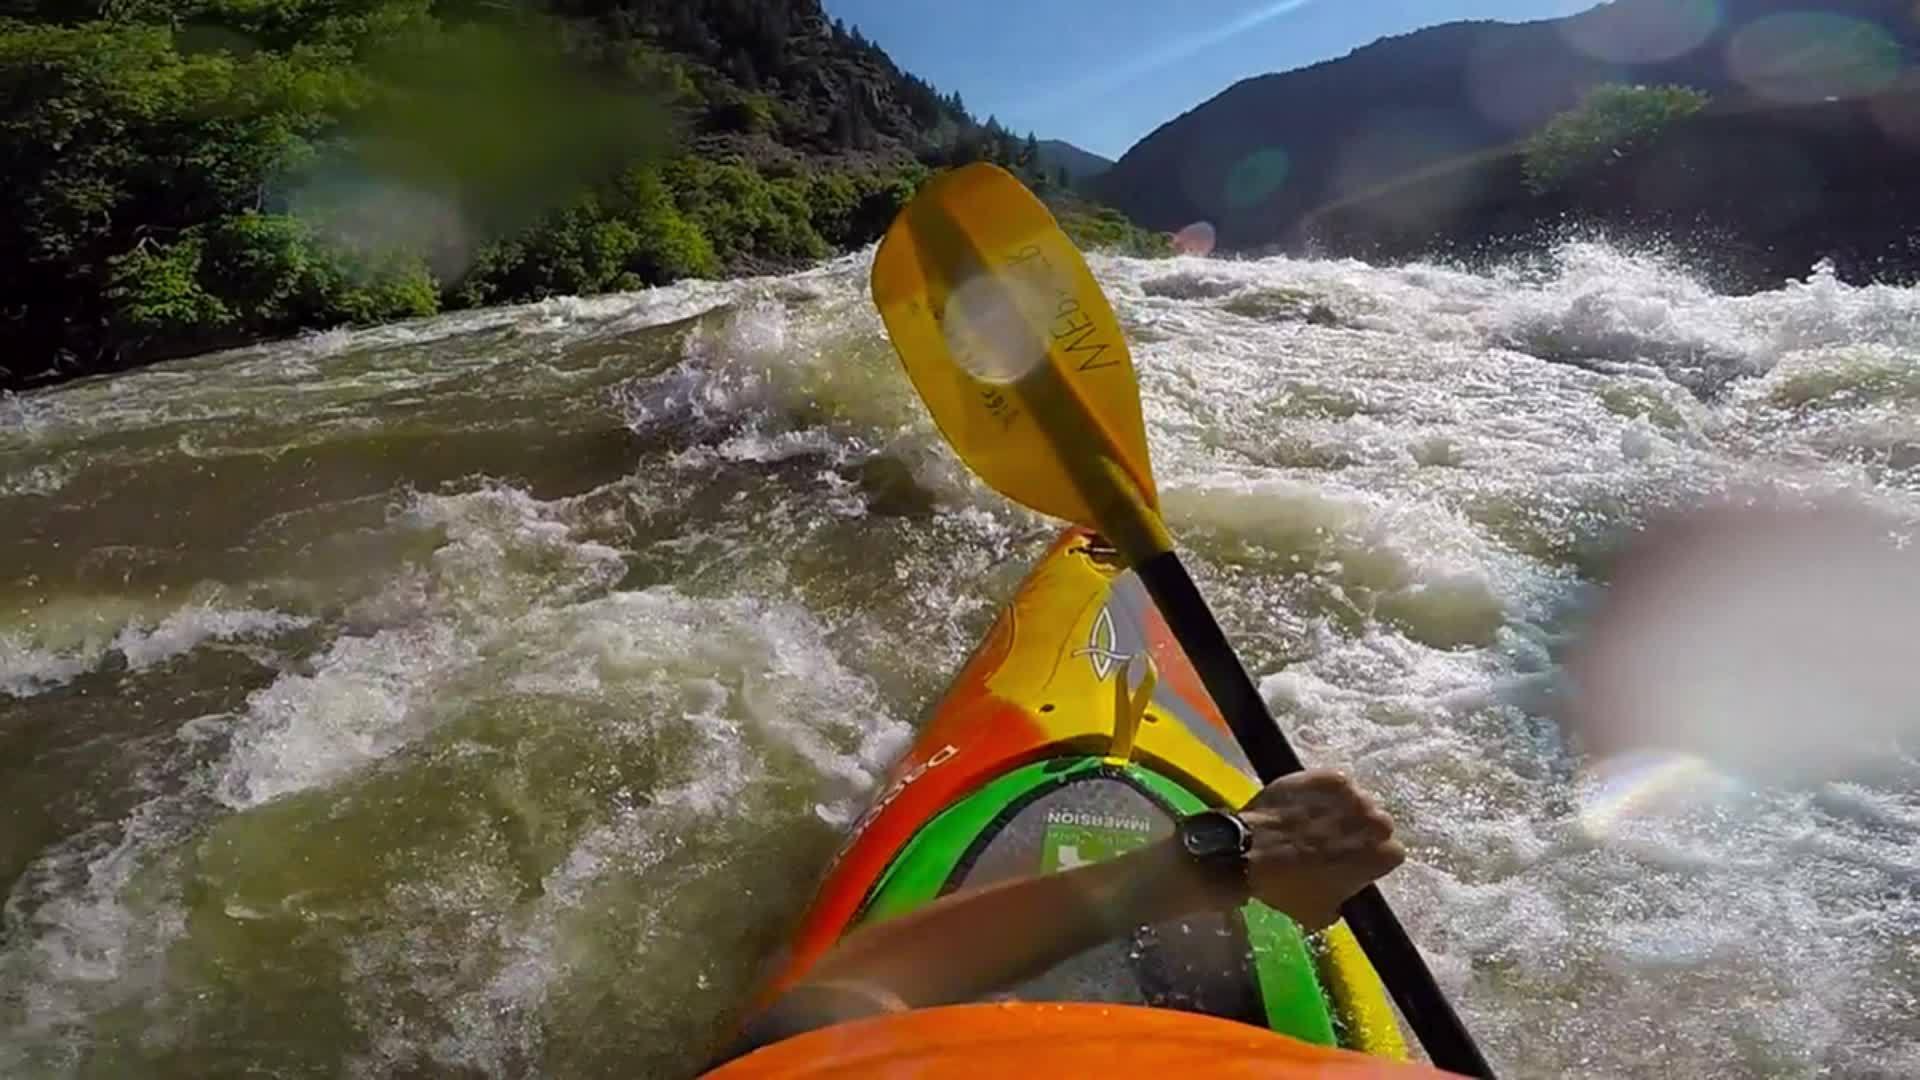 kayak, whitewater, Shoshone 13k GIFs